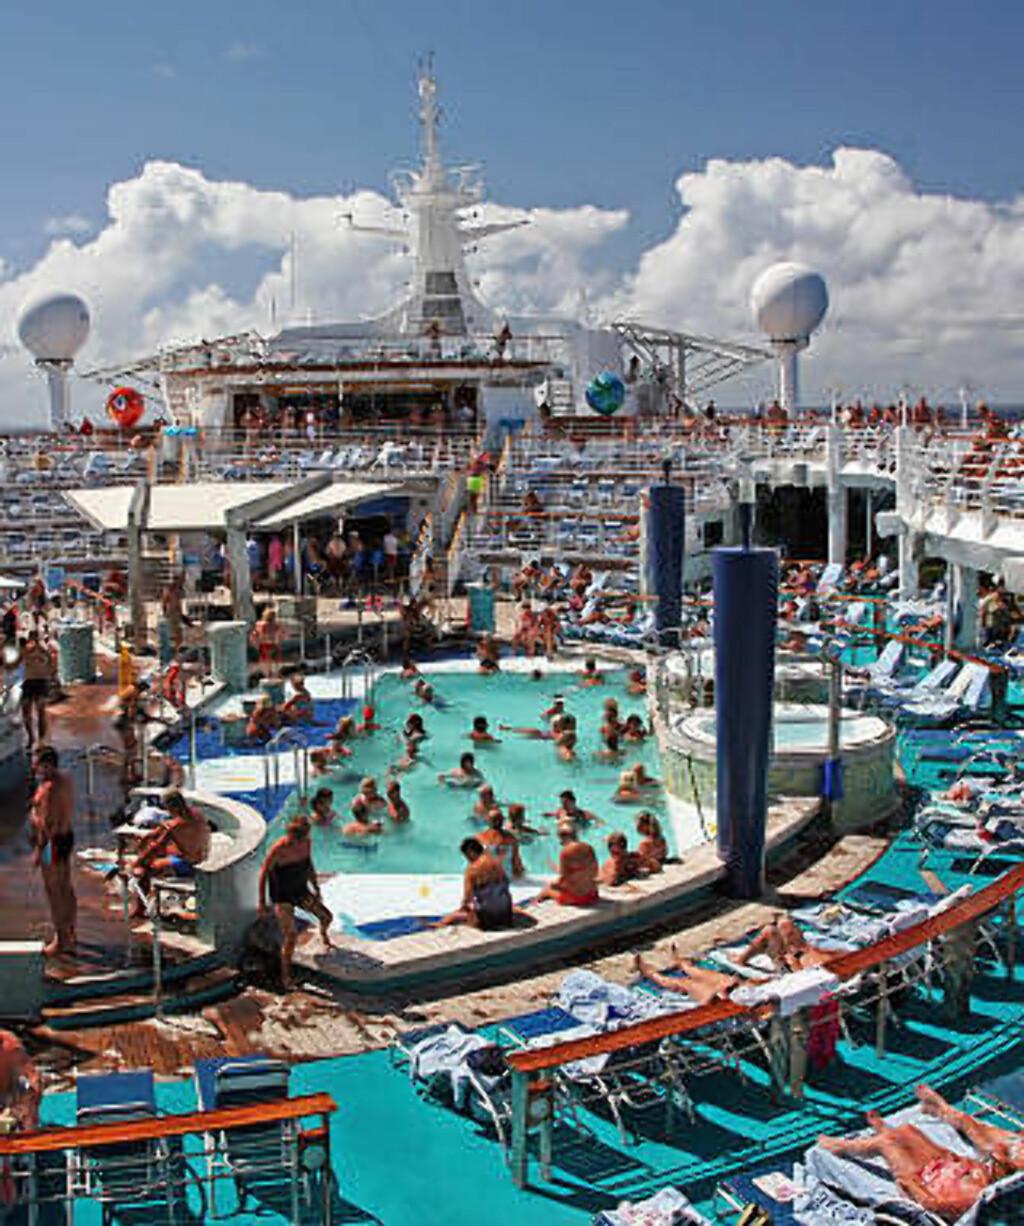 AVSLAPPING OM BORD: Blå himmel og liv på øverste dekk. Dette er dagligdags på cruise. Foto: EIVIND PEDERSEN